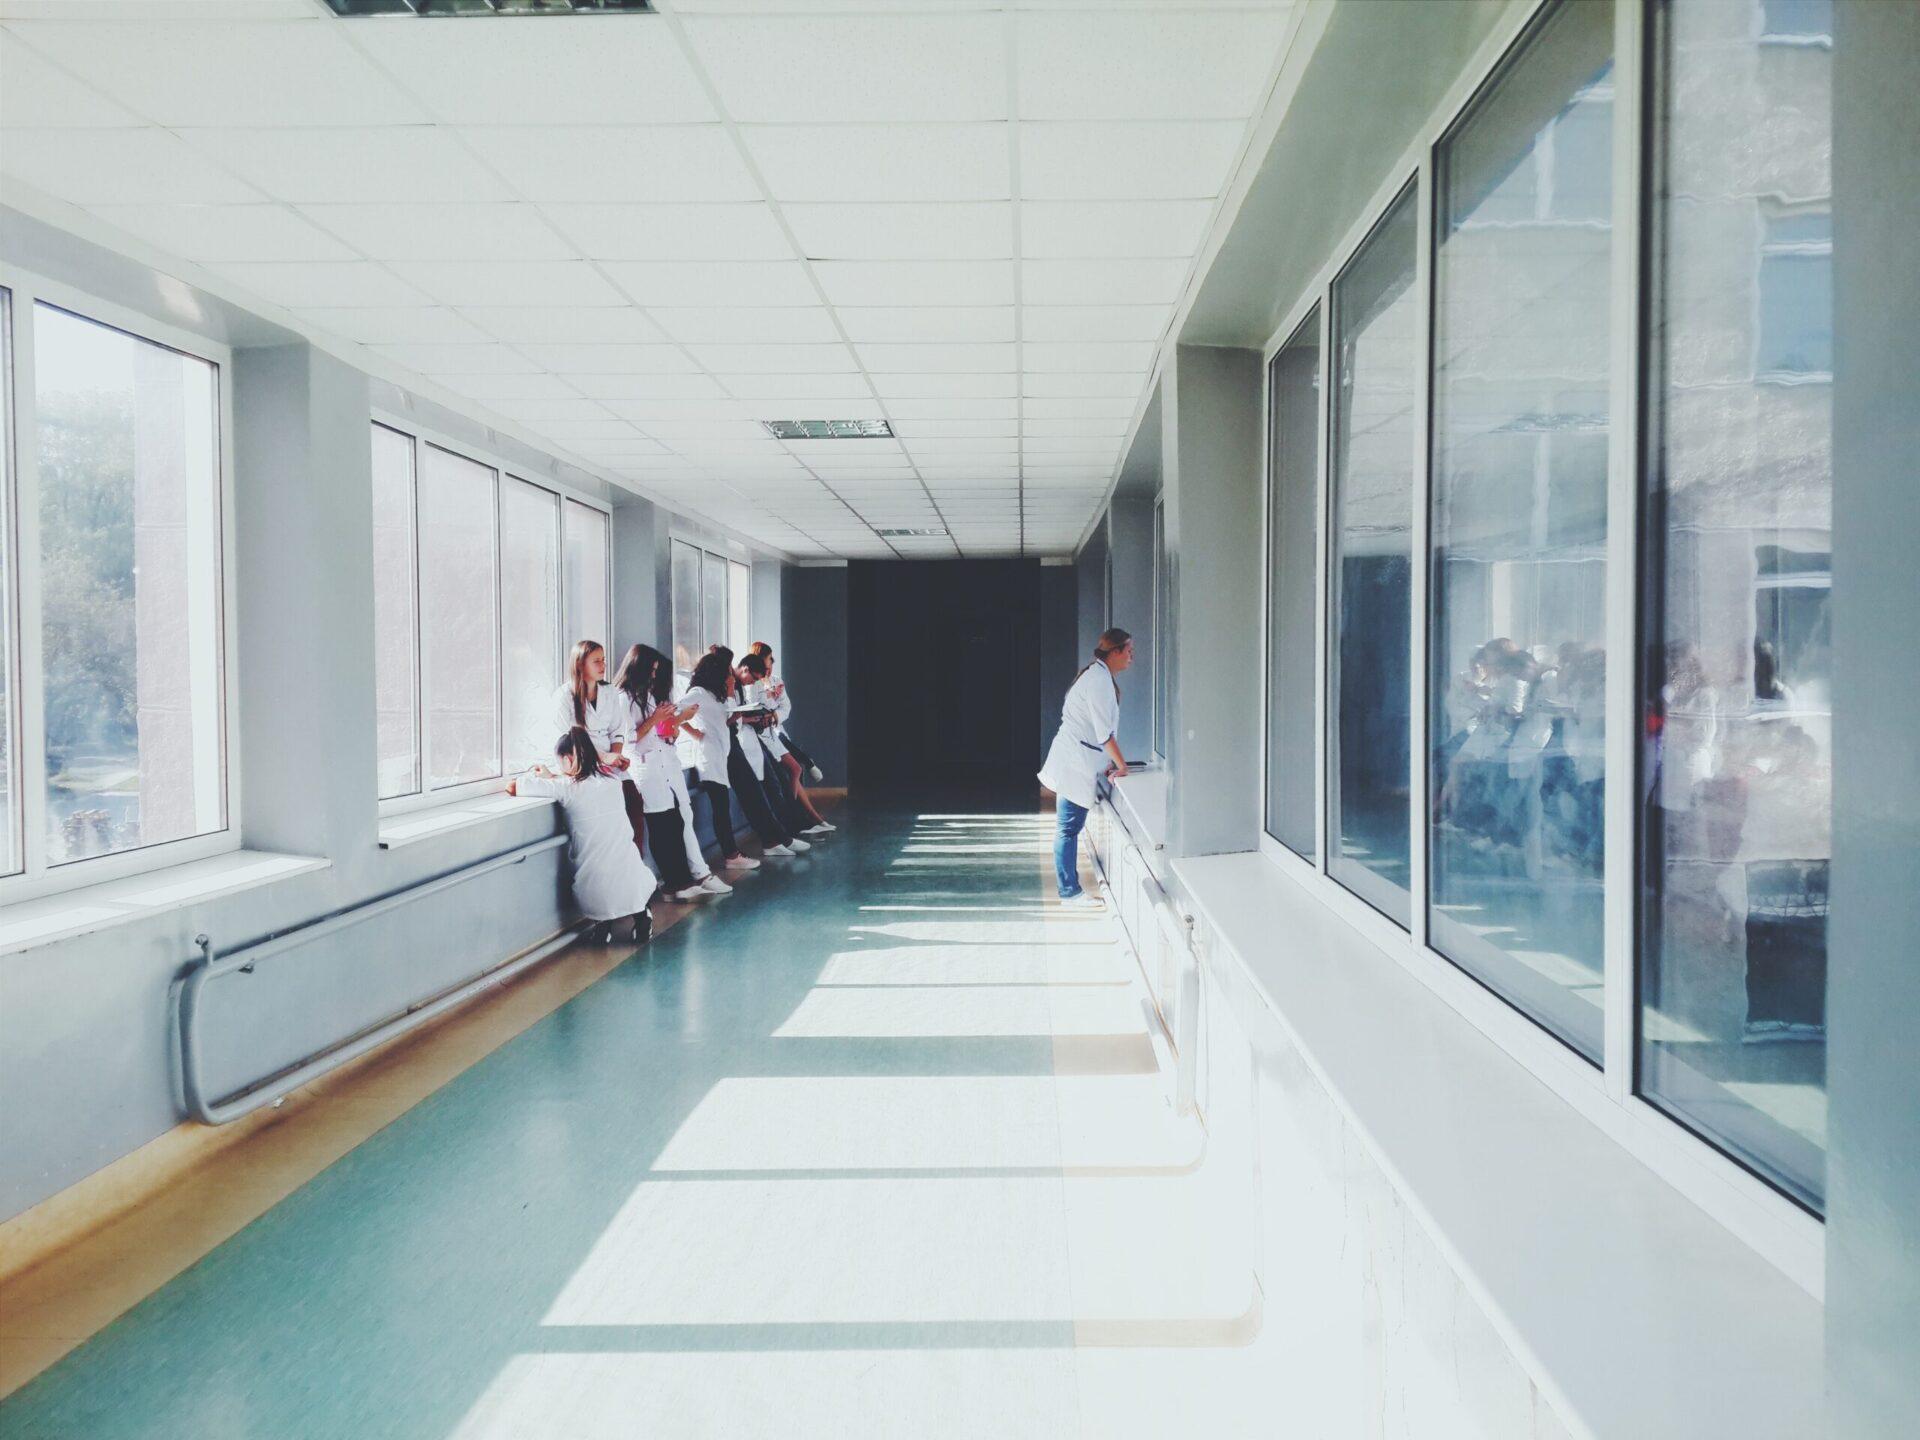 【聖マリアンナ医科大学医学部】大学の特徴と入試の出題傾向は?